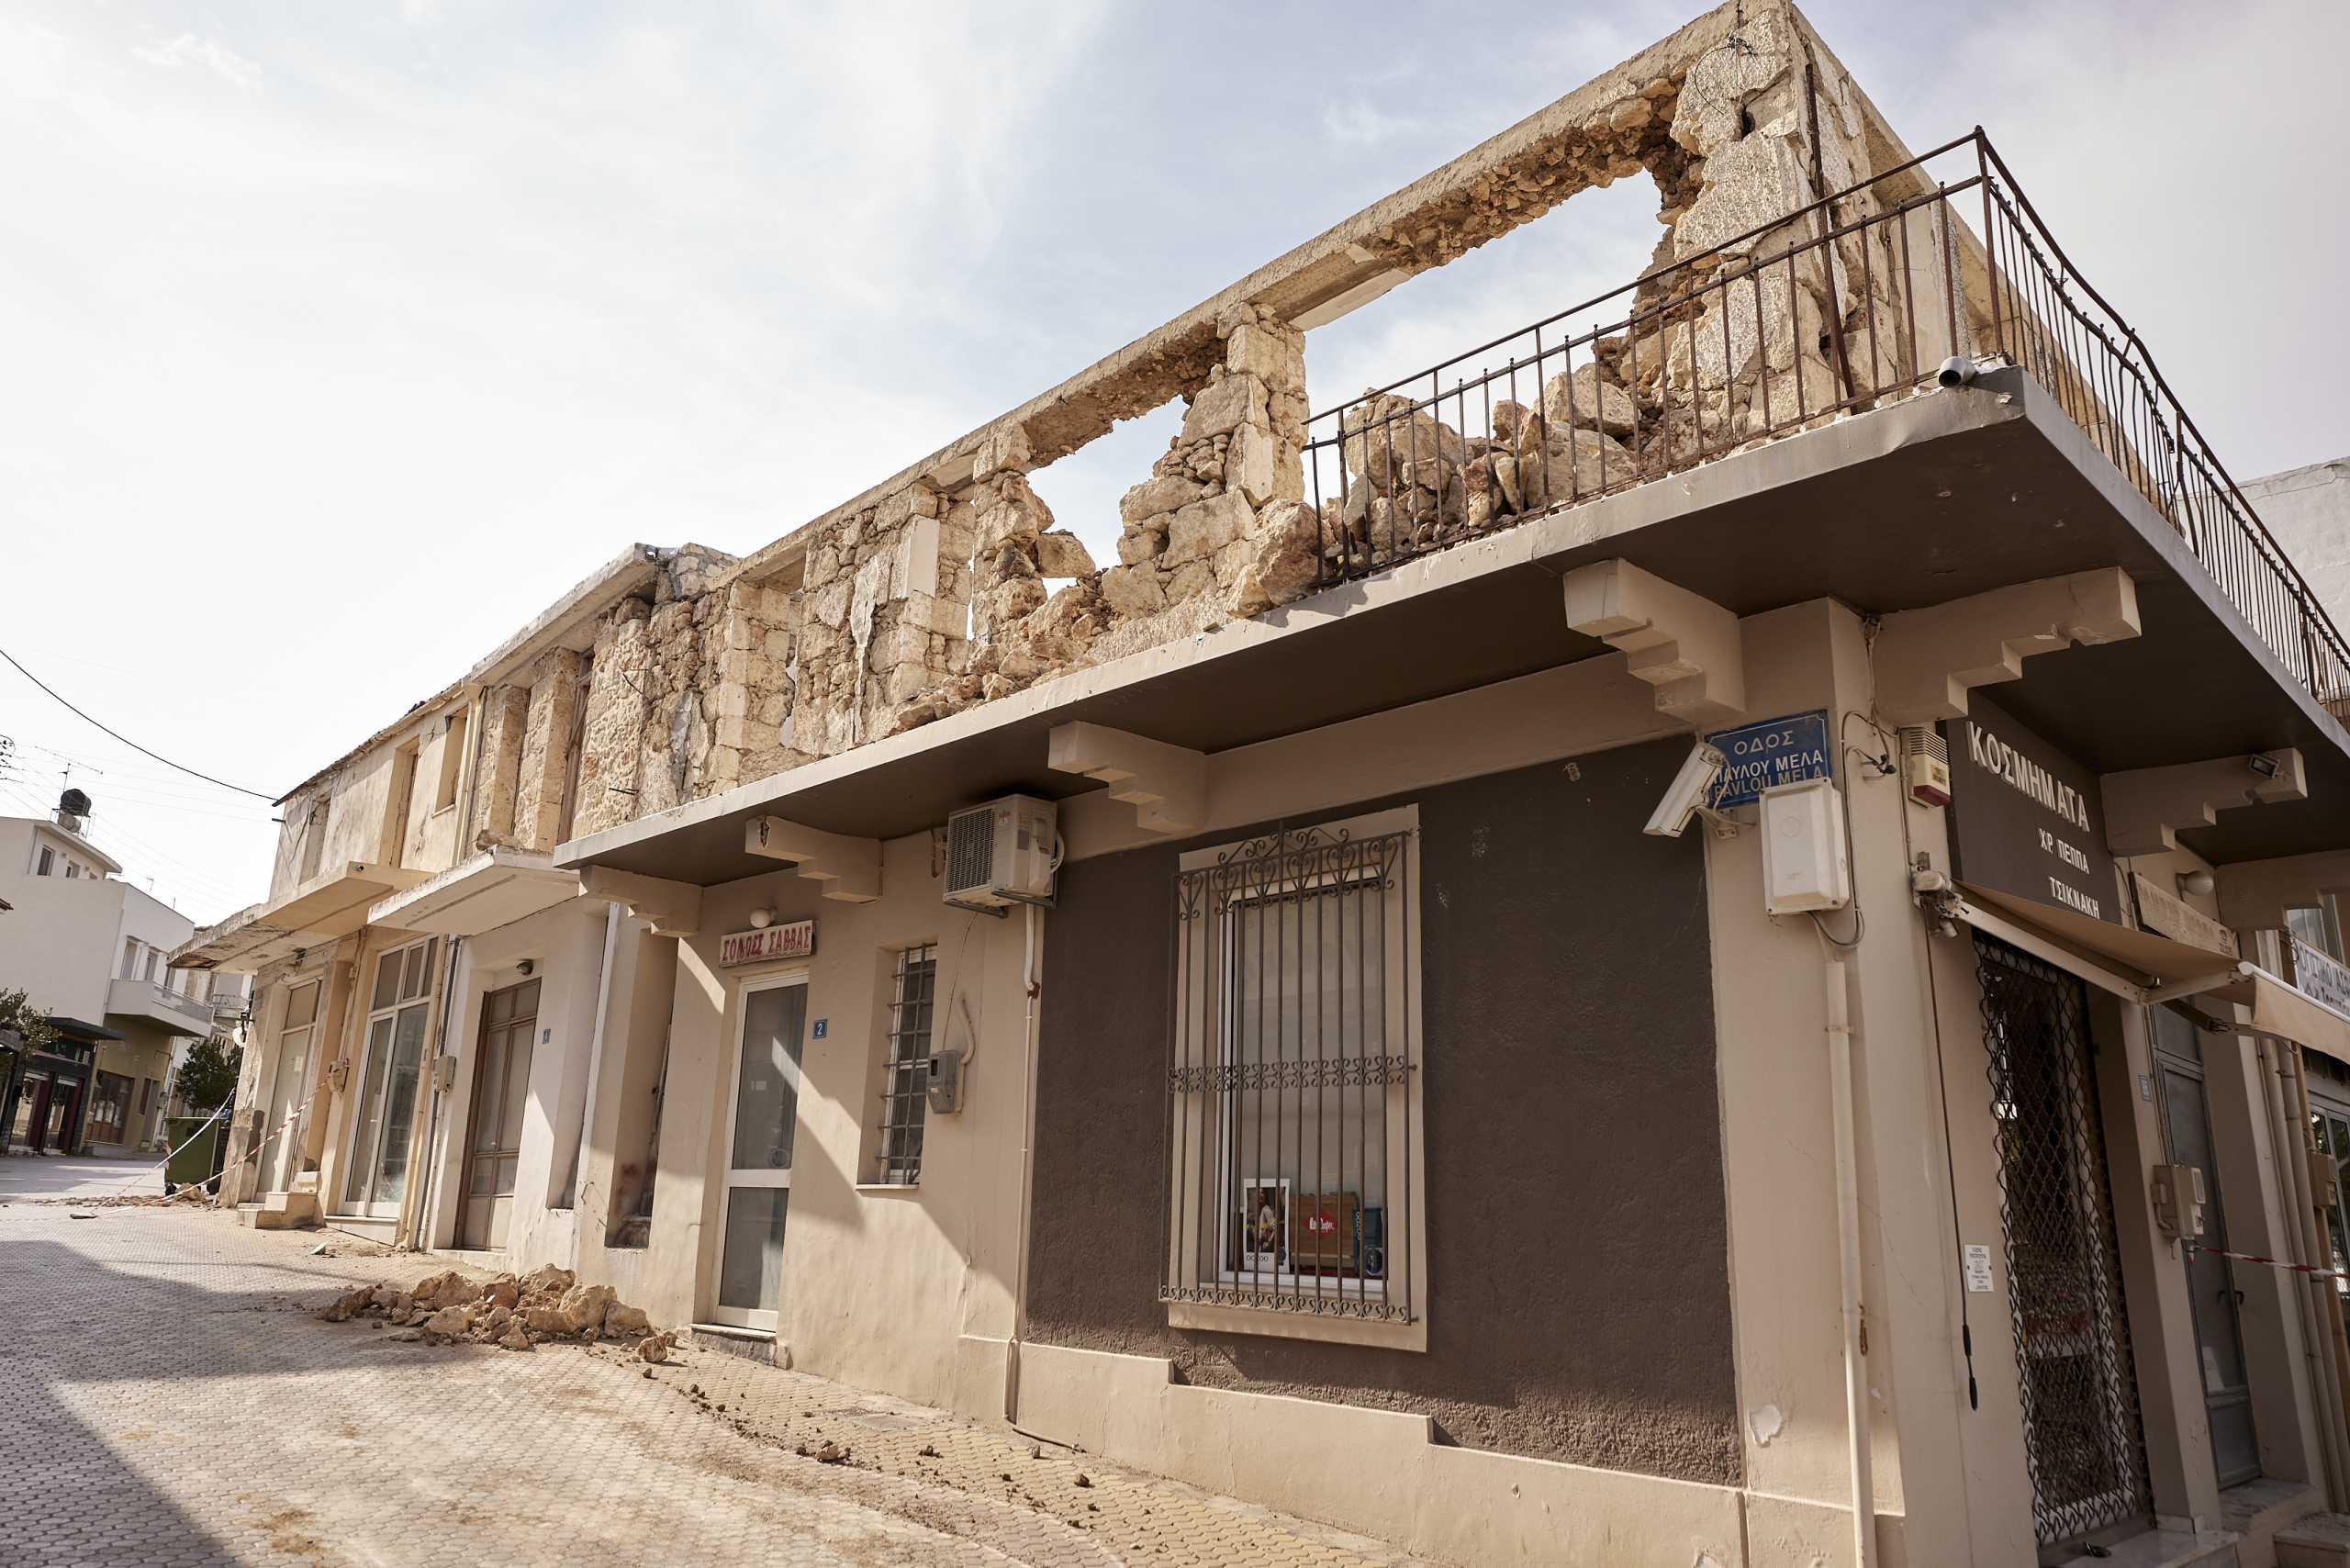 Σεισμός: Αυτό είναι το σύστημα για να ενημερώνονται οι πολίτες 30 δευτερόλεπτα νωρίτερα - NewsIT